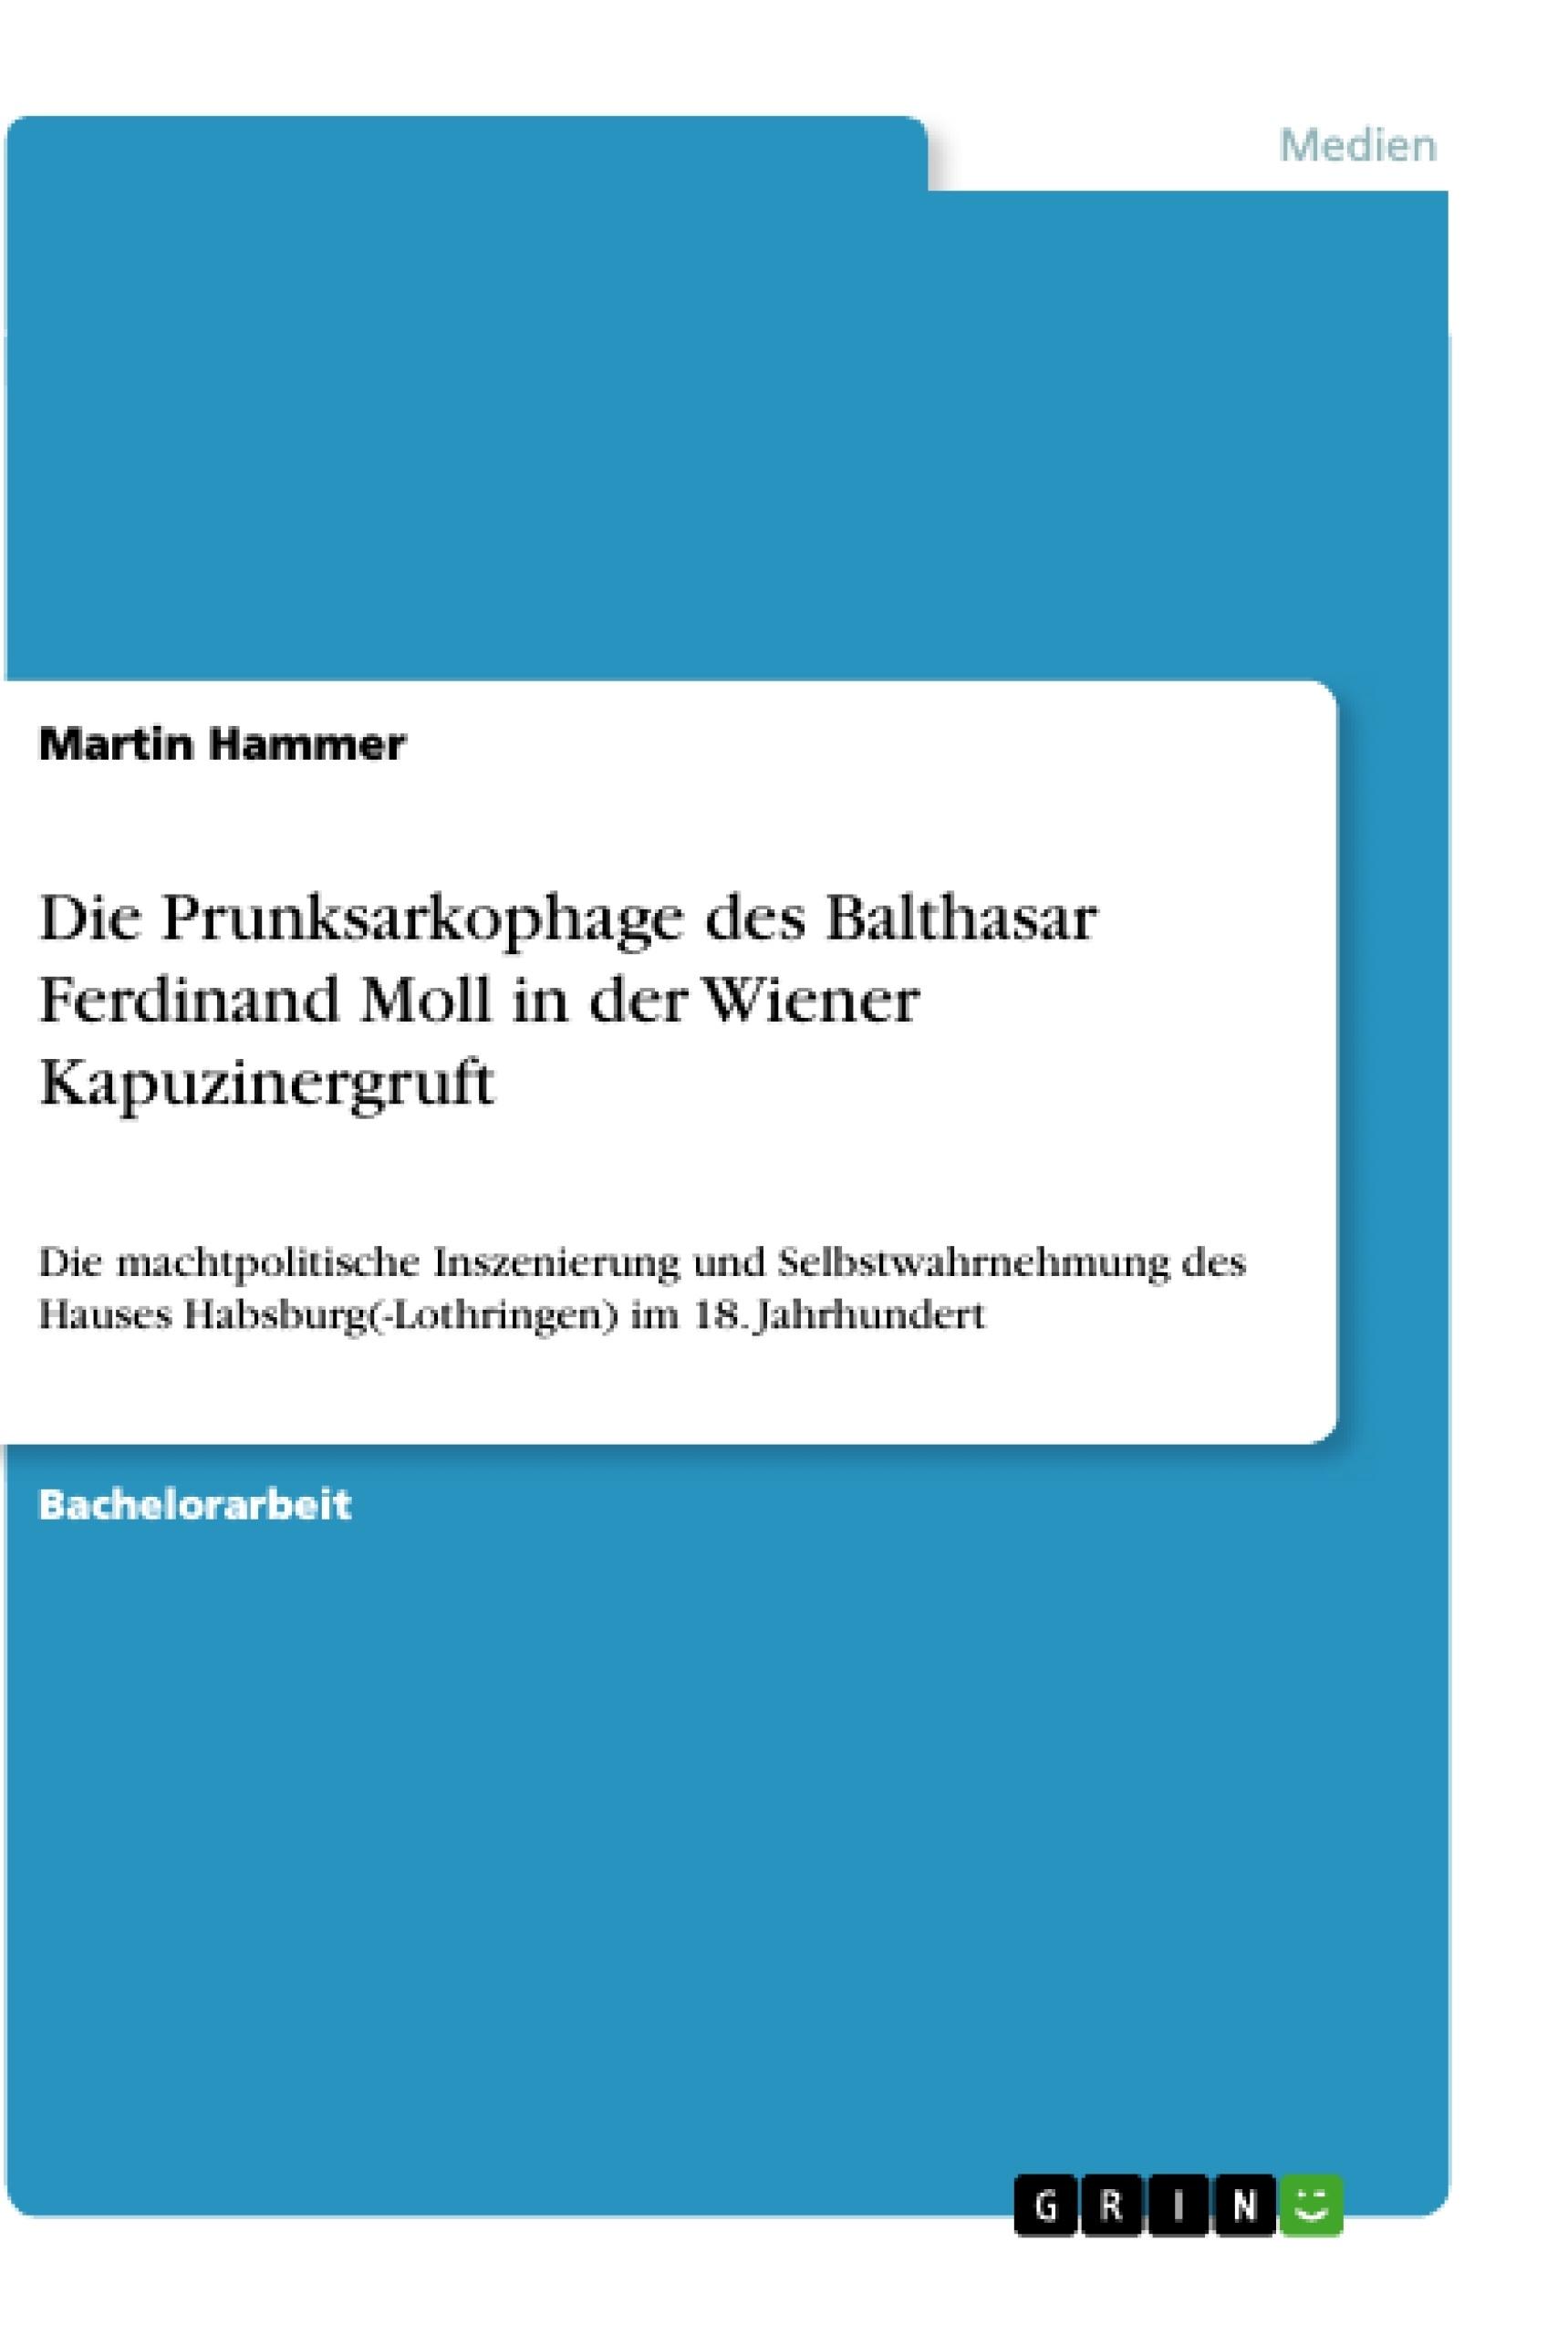 Titel: Die Prunksarkophage des Balthasar Ferdinand Moll in der Wiener Kapuzinergruft